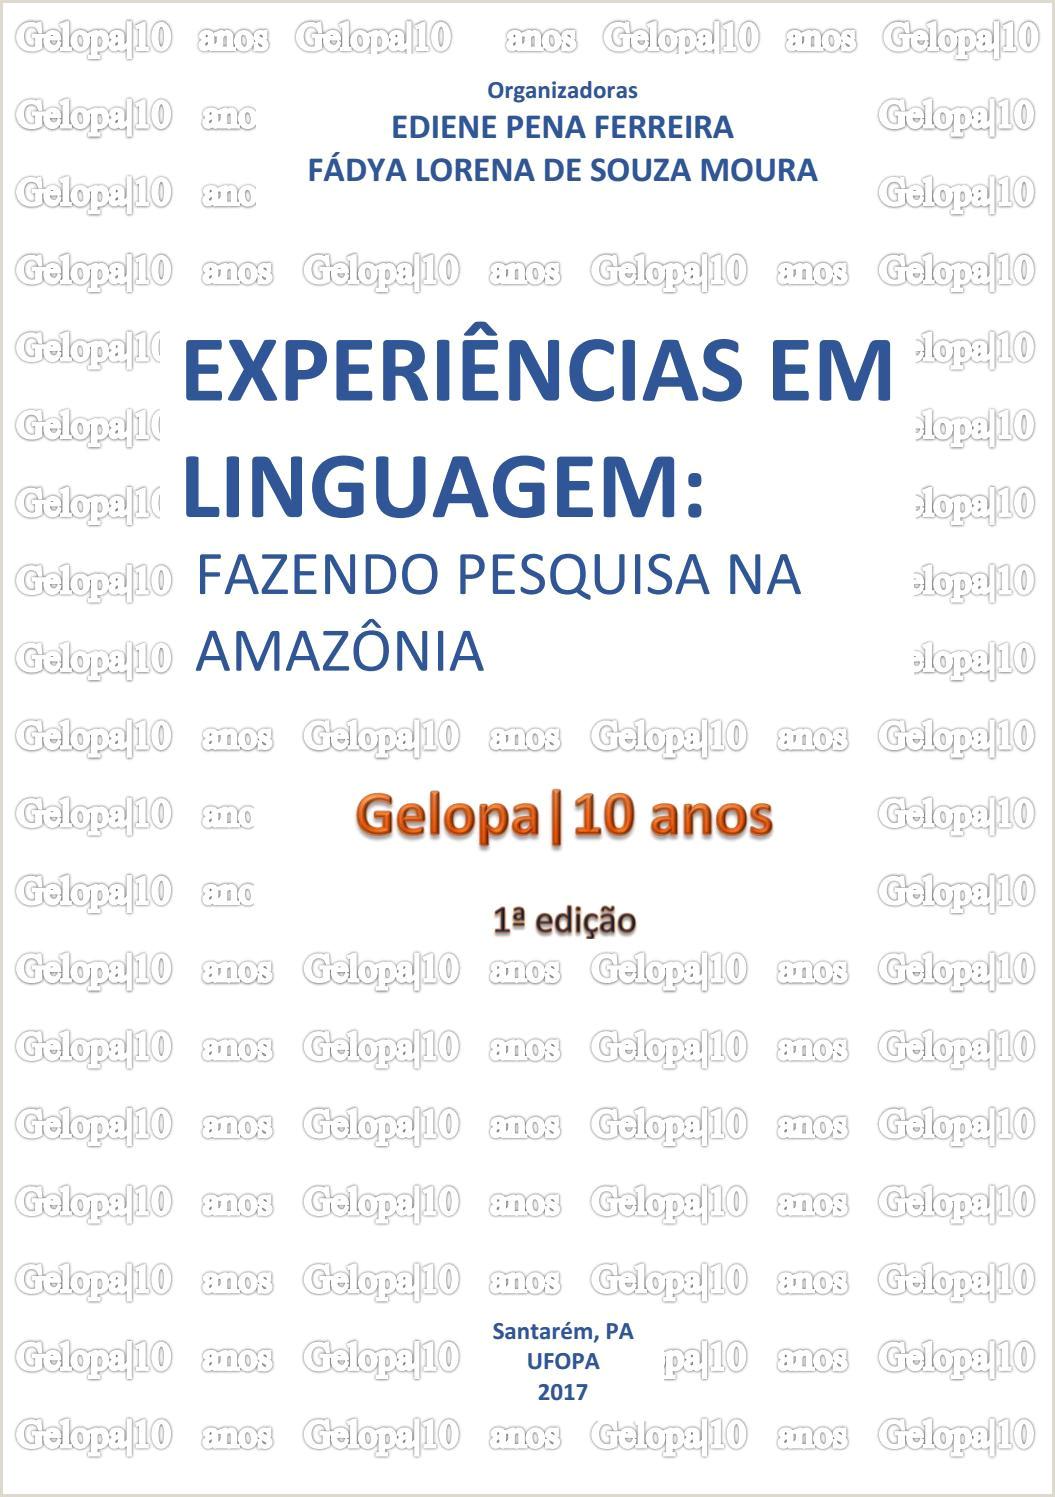 Experiªncias em linguagem fazendo pesquisa na Amaz´nia by